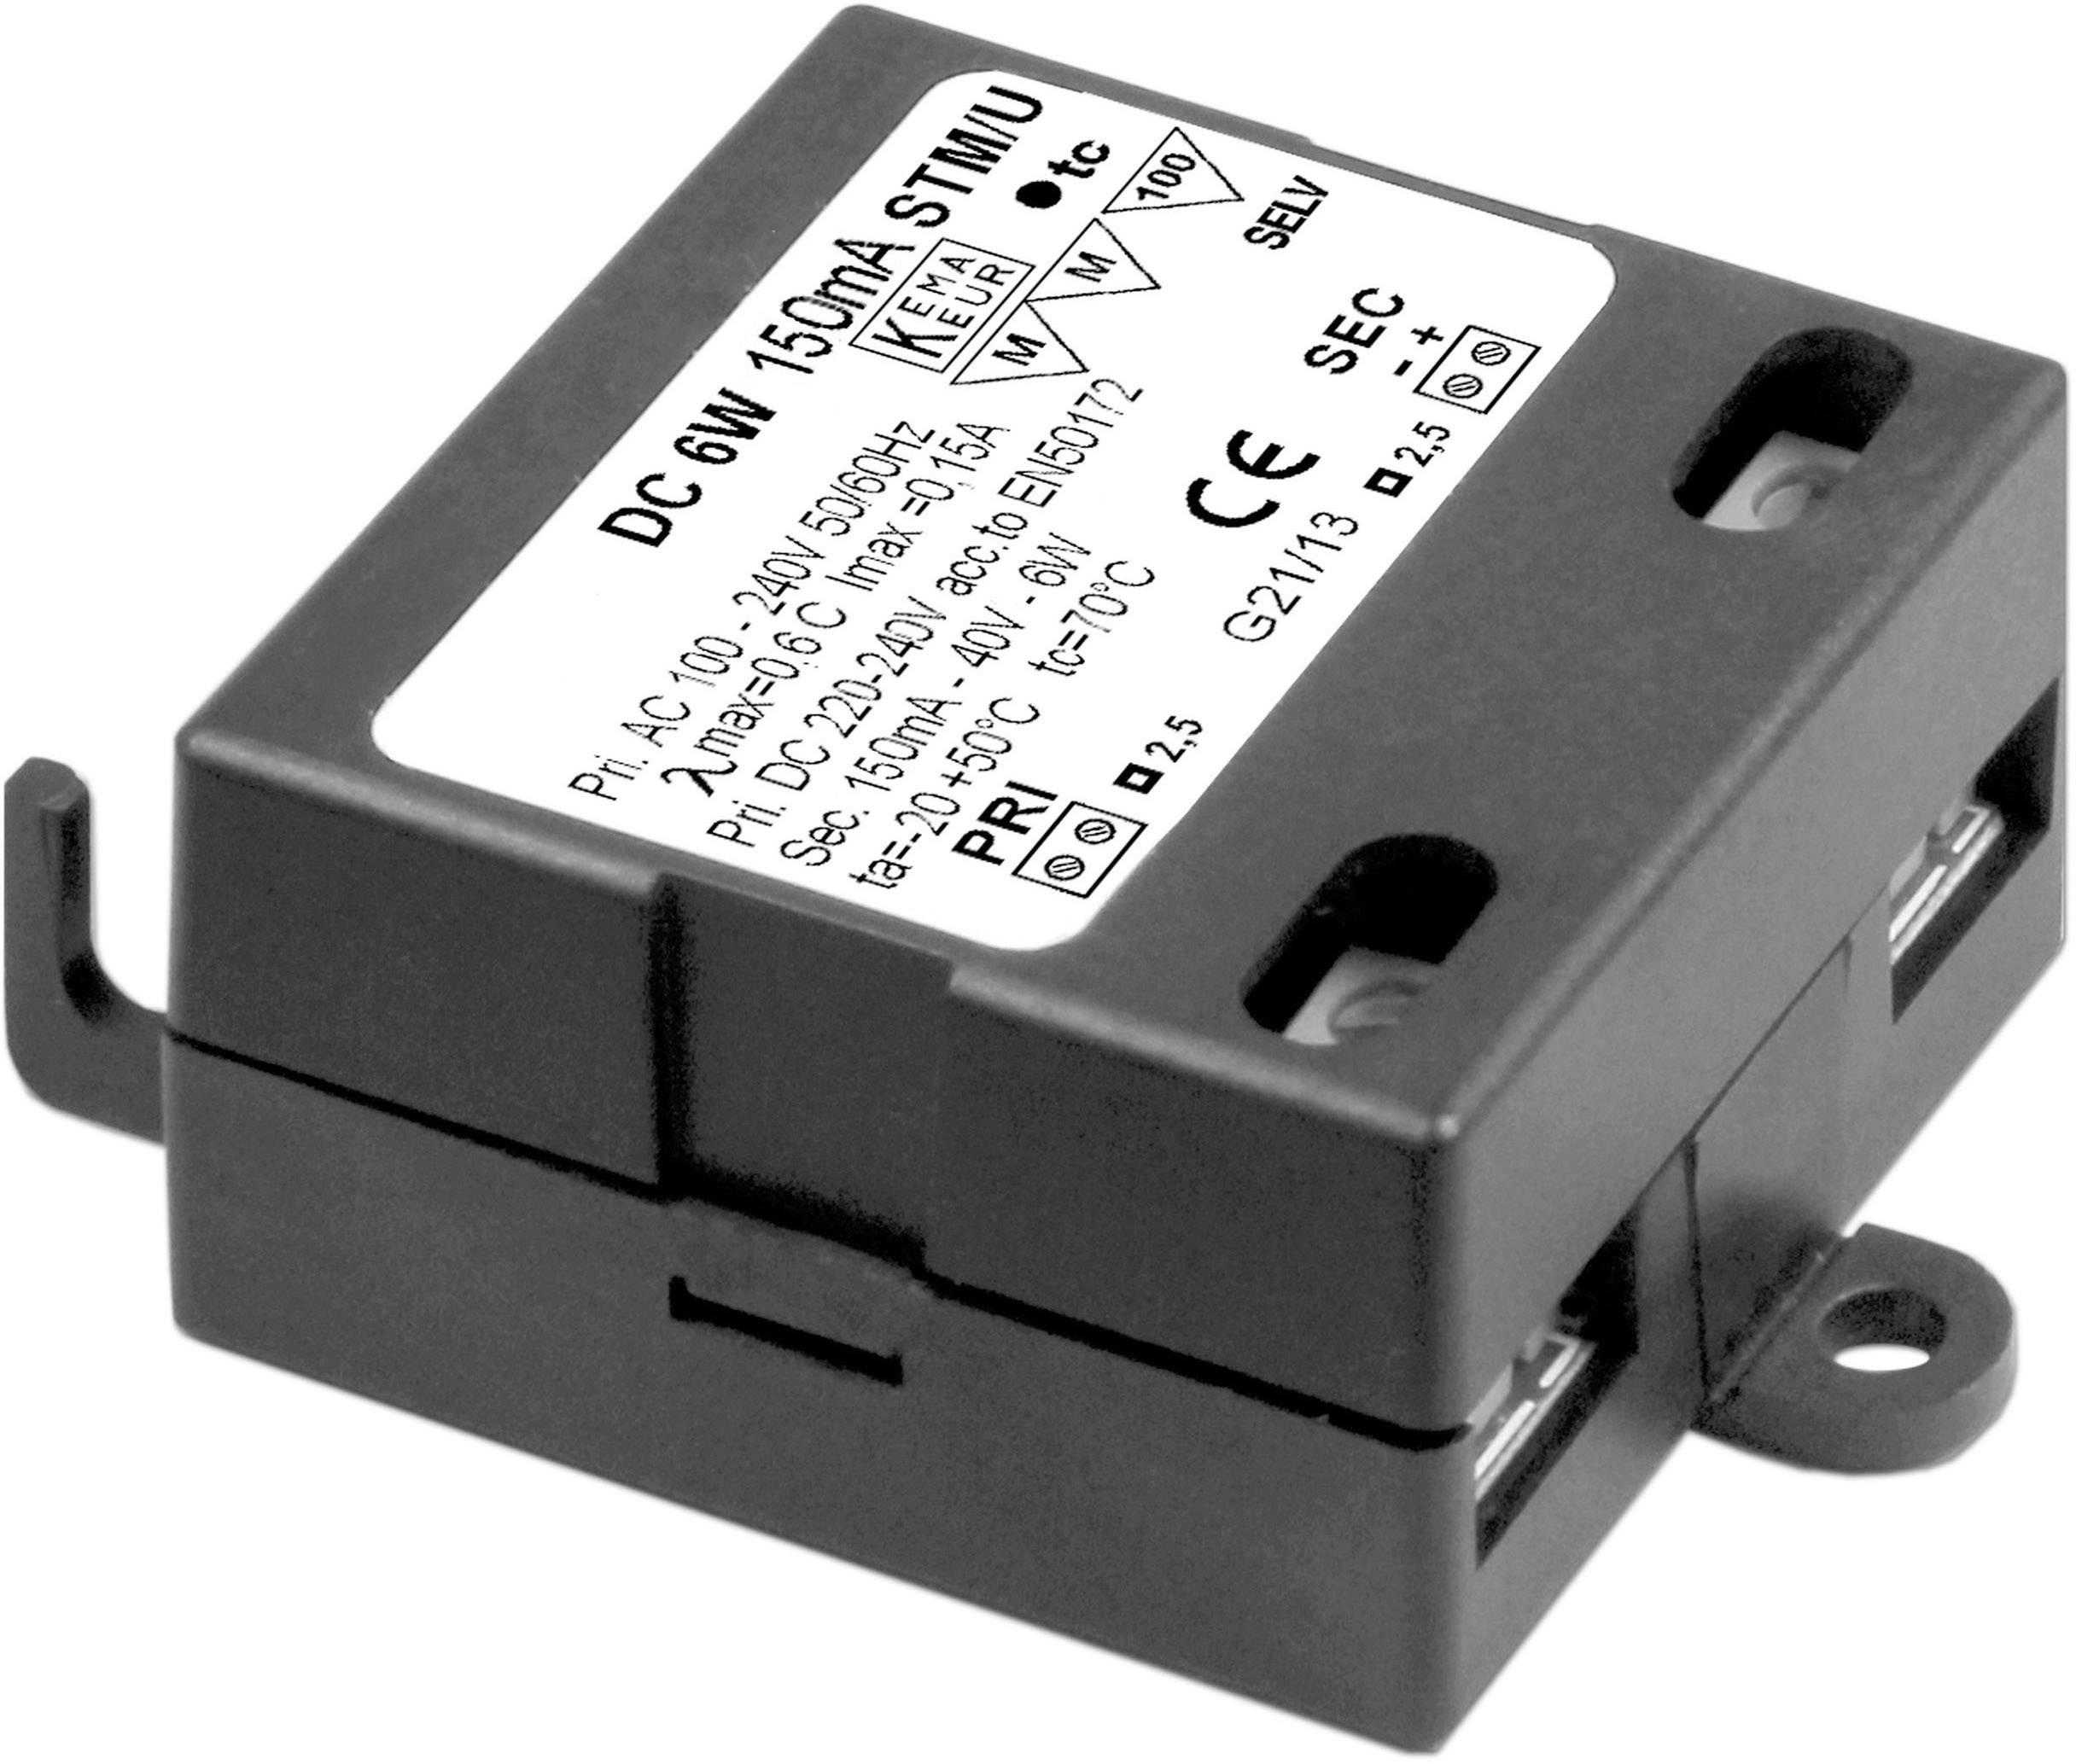 LED zdroj konstantního proudu Barthelme 66004406, 6 W, 150 mA, 40 V